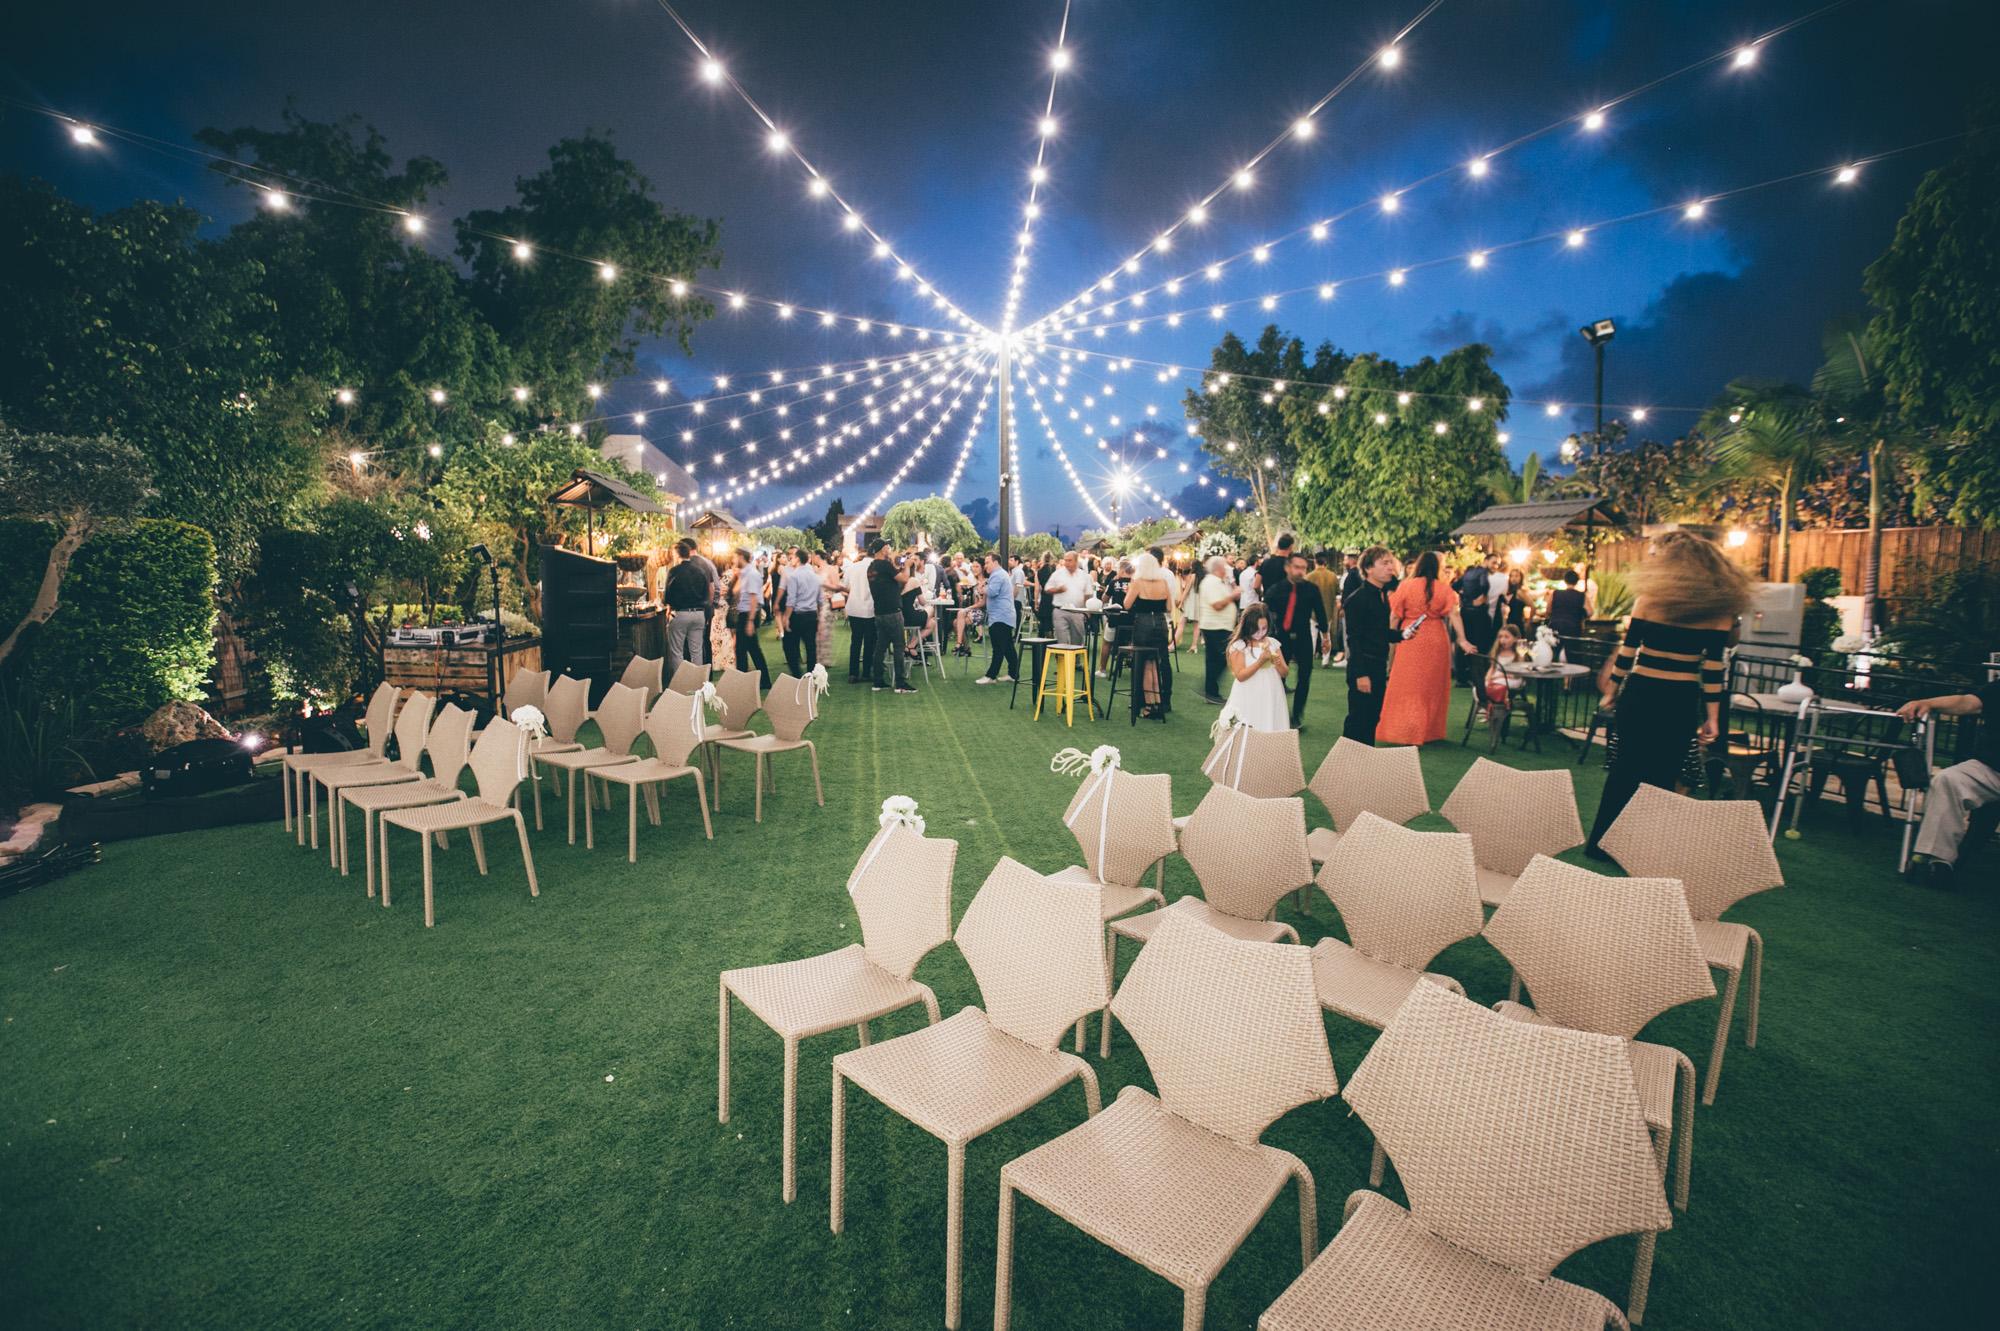 Wedding photos by - Asaf Kliger-68.jpg